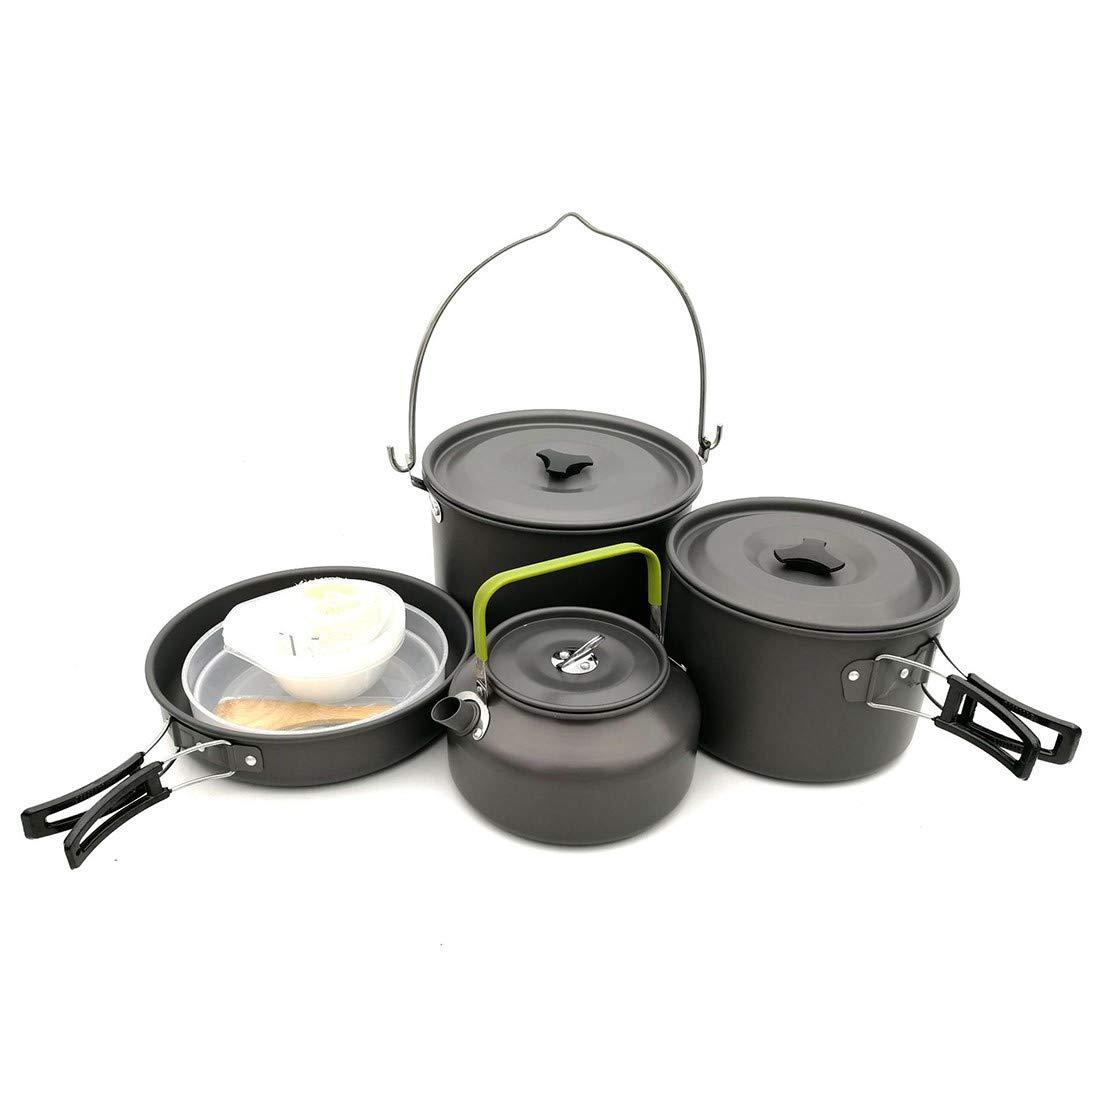 FYHCY Camping Cocina 5-6 Personas Set de Cocina para Camping de Aluminio anodizado Ligero Port/átil para Excursiones Viajes con Mochila y Actividades al Aire Libre Caminatas Parrillas